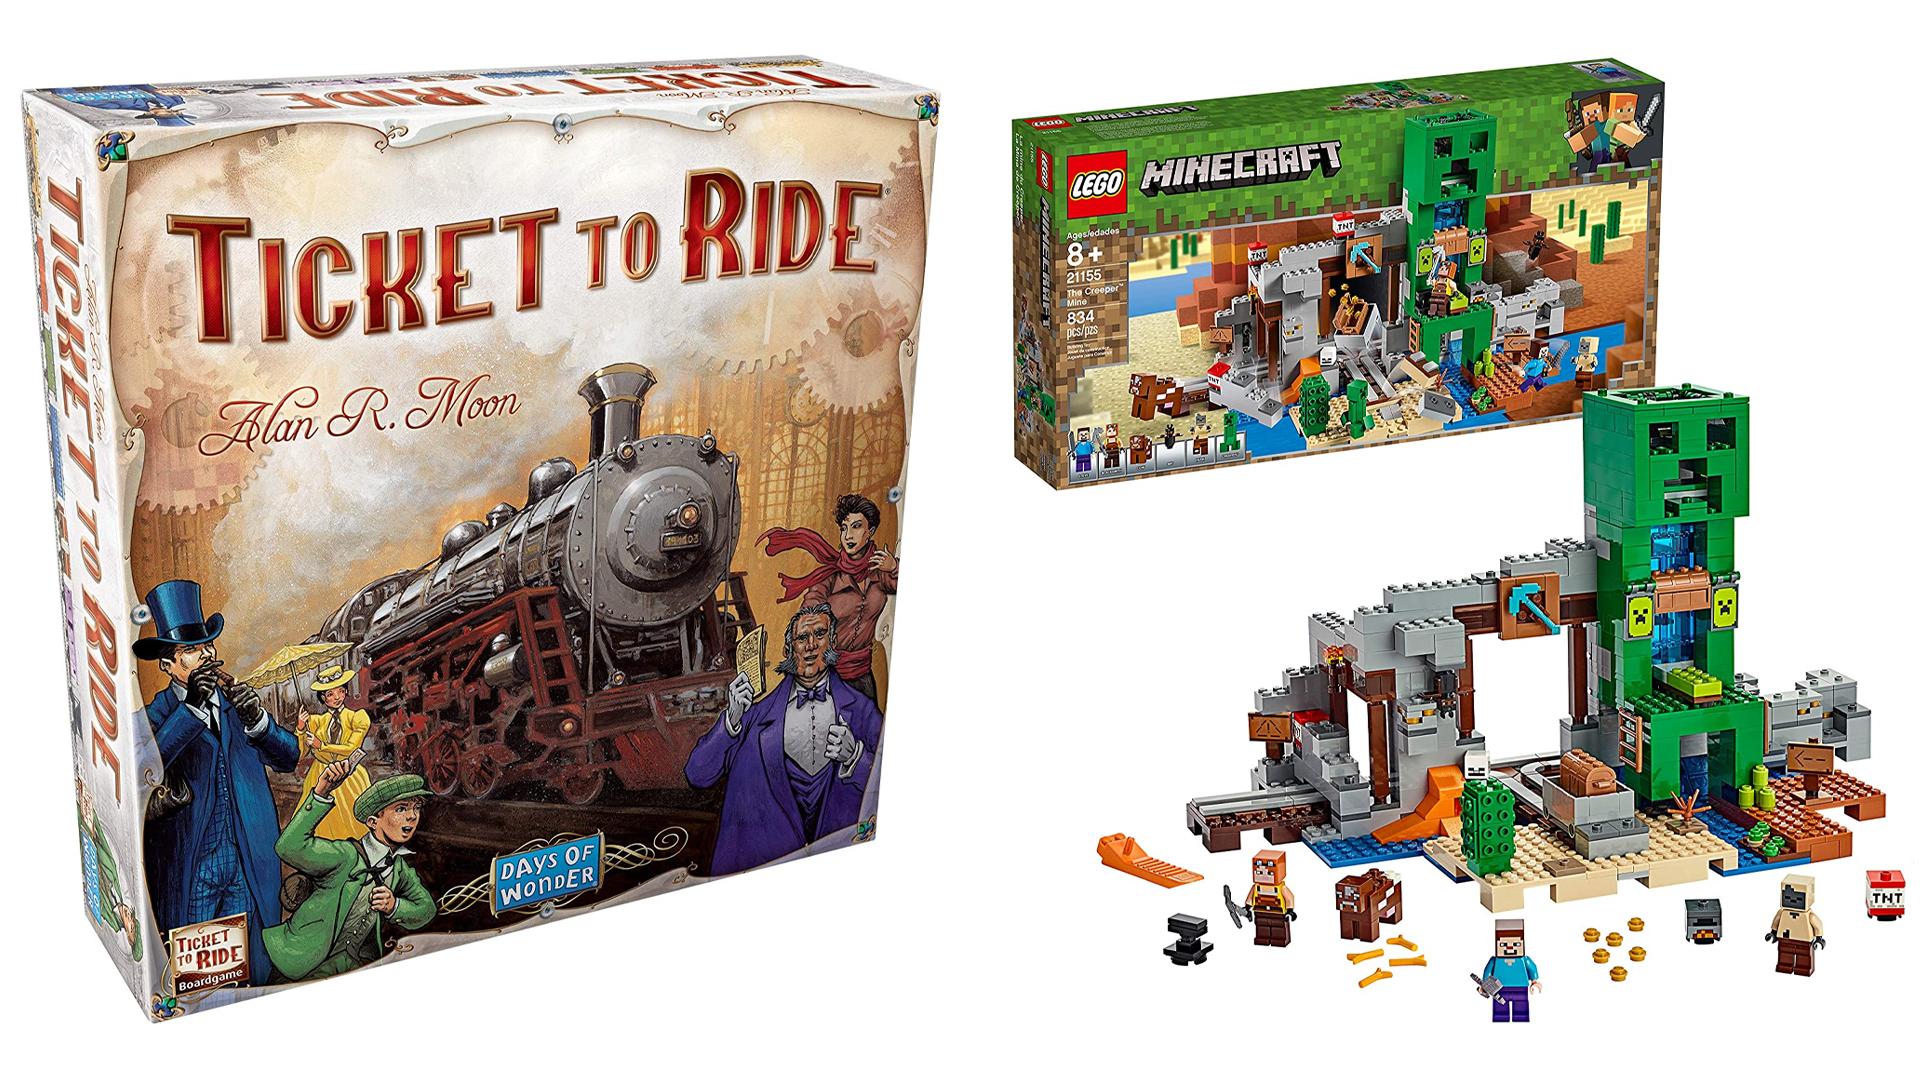 لعبة لوح الركوب ومجموعة LEGO Minecraft Creeper.